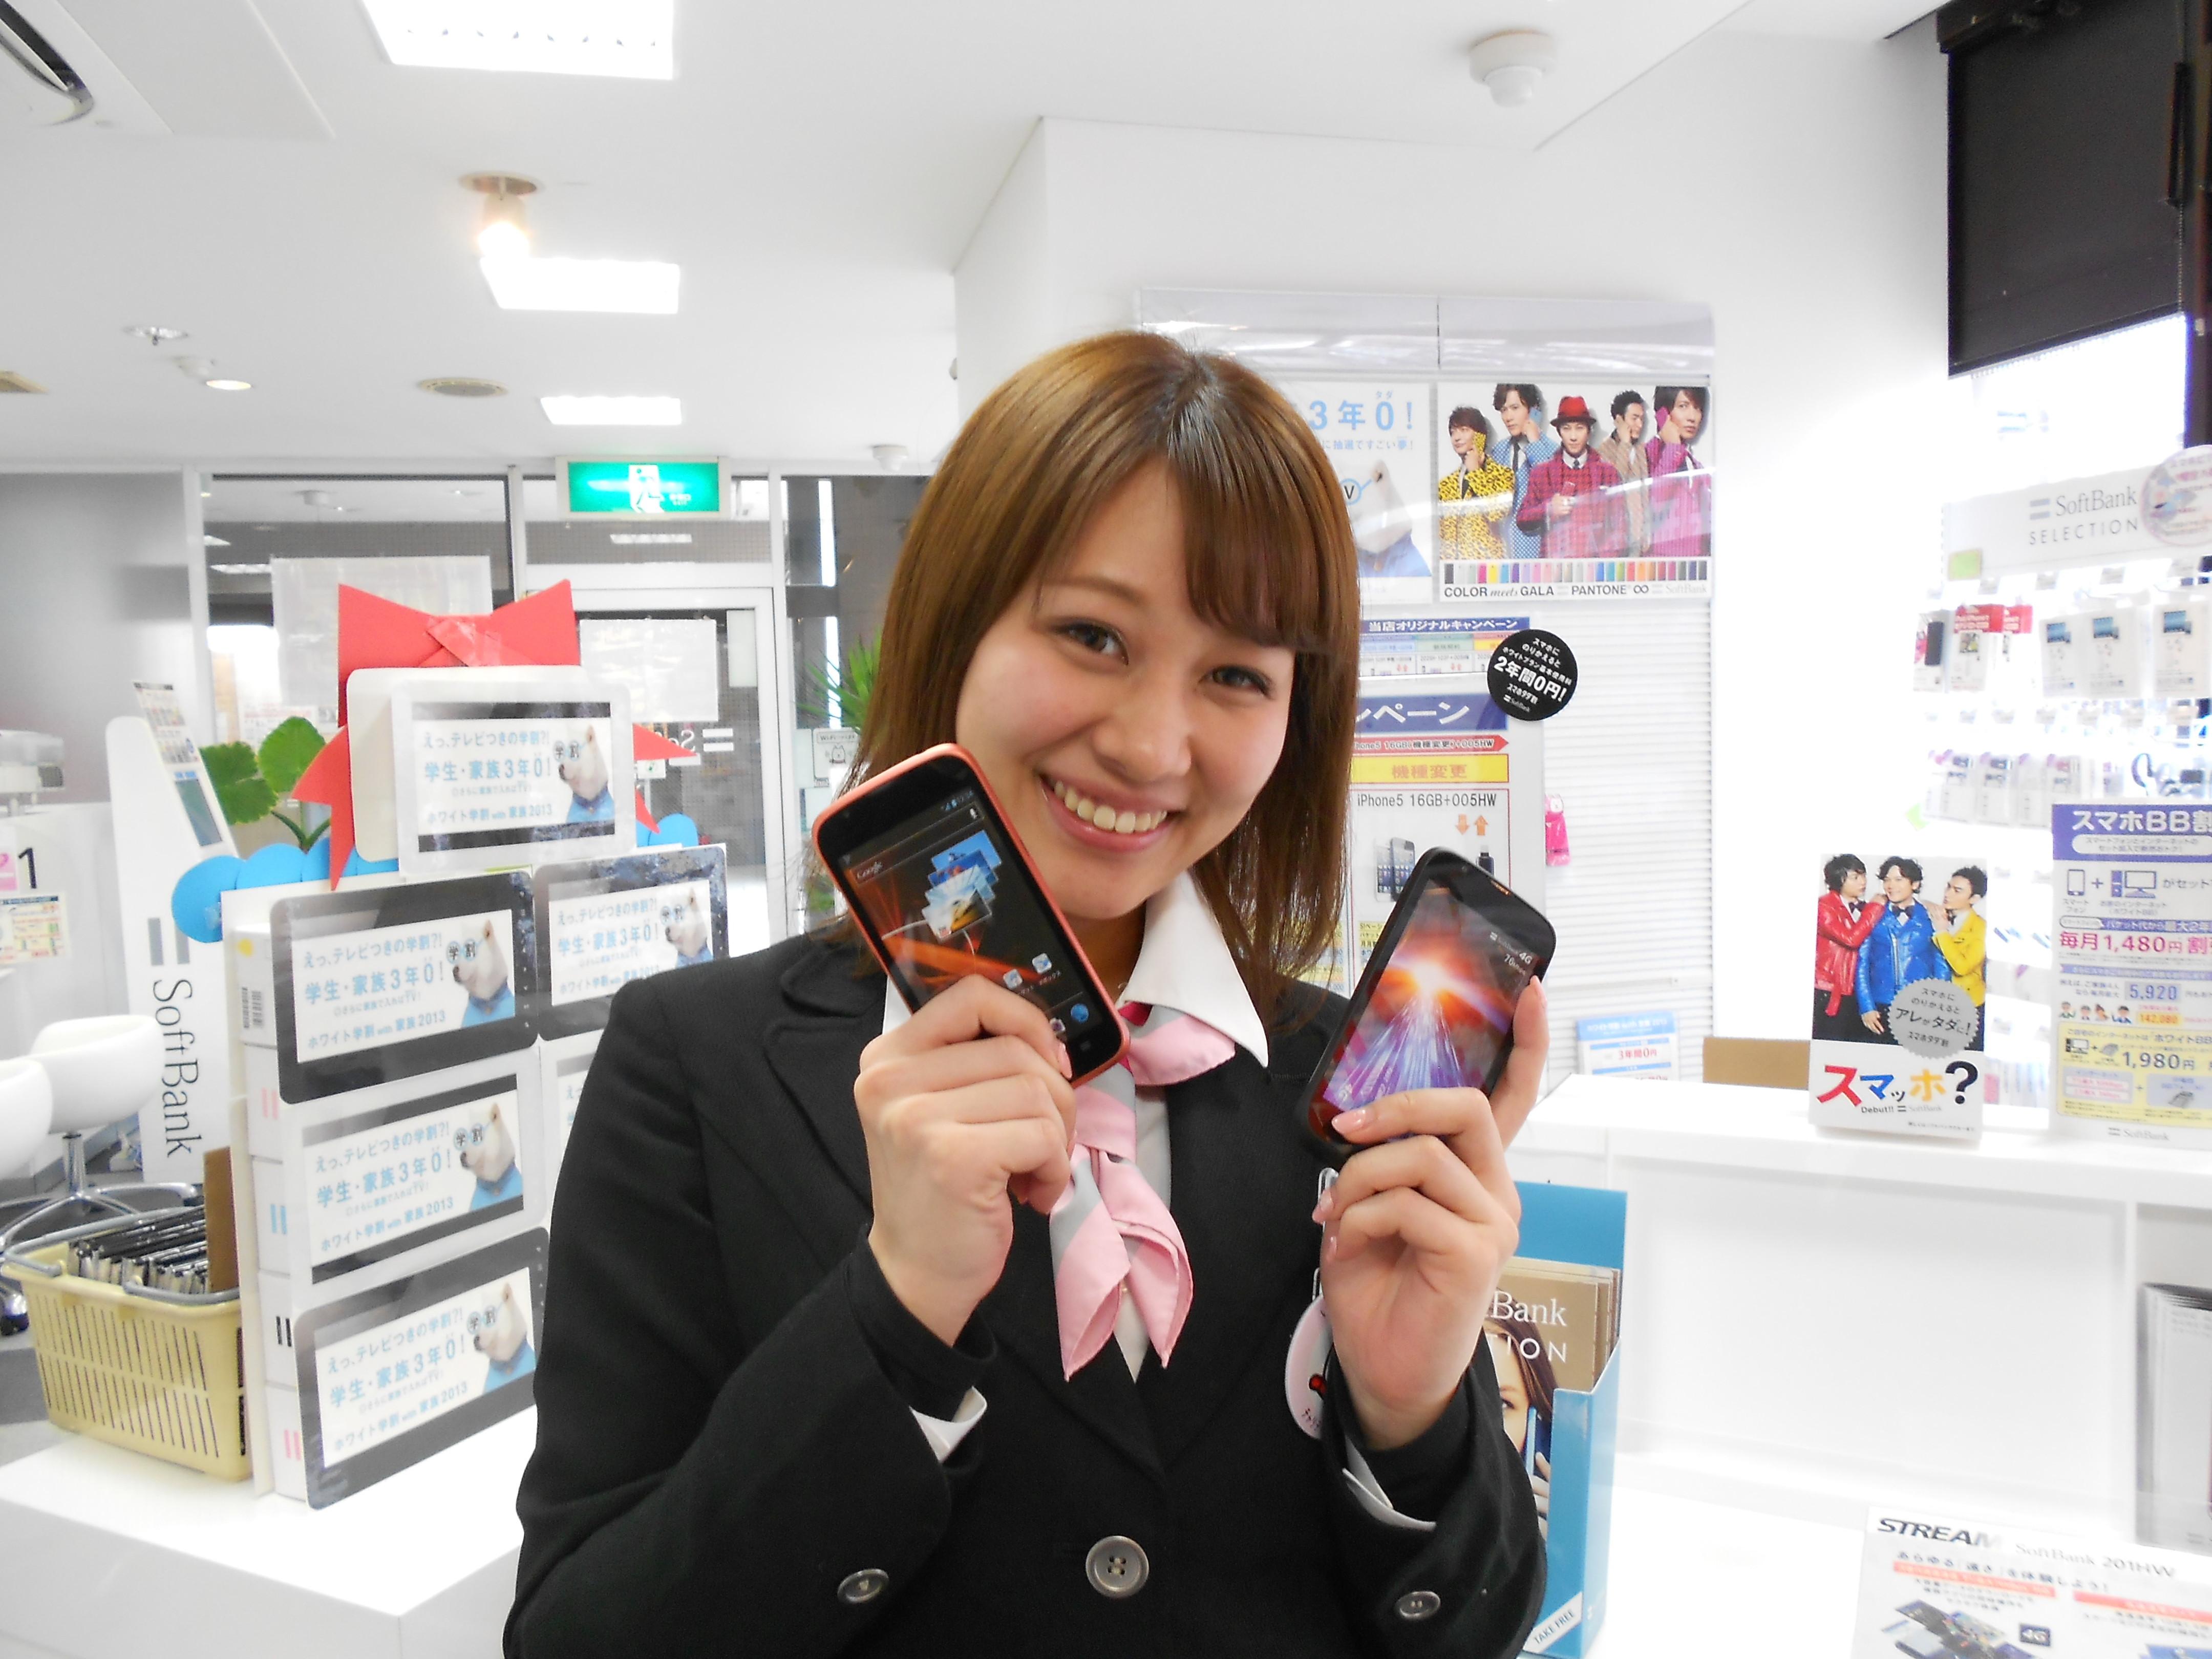 ソフトバンク 掛川(株式会社シエロ)のアルバイト情報